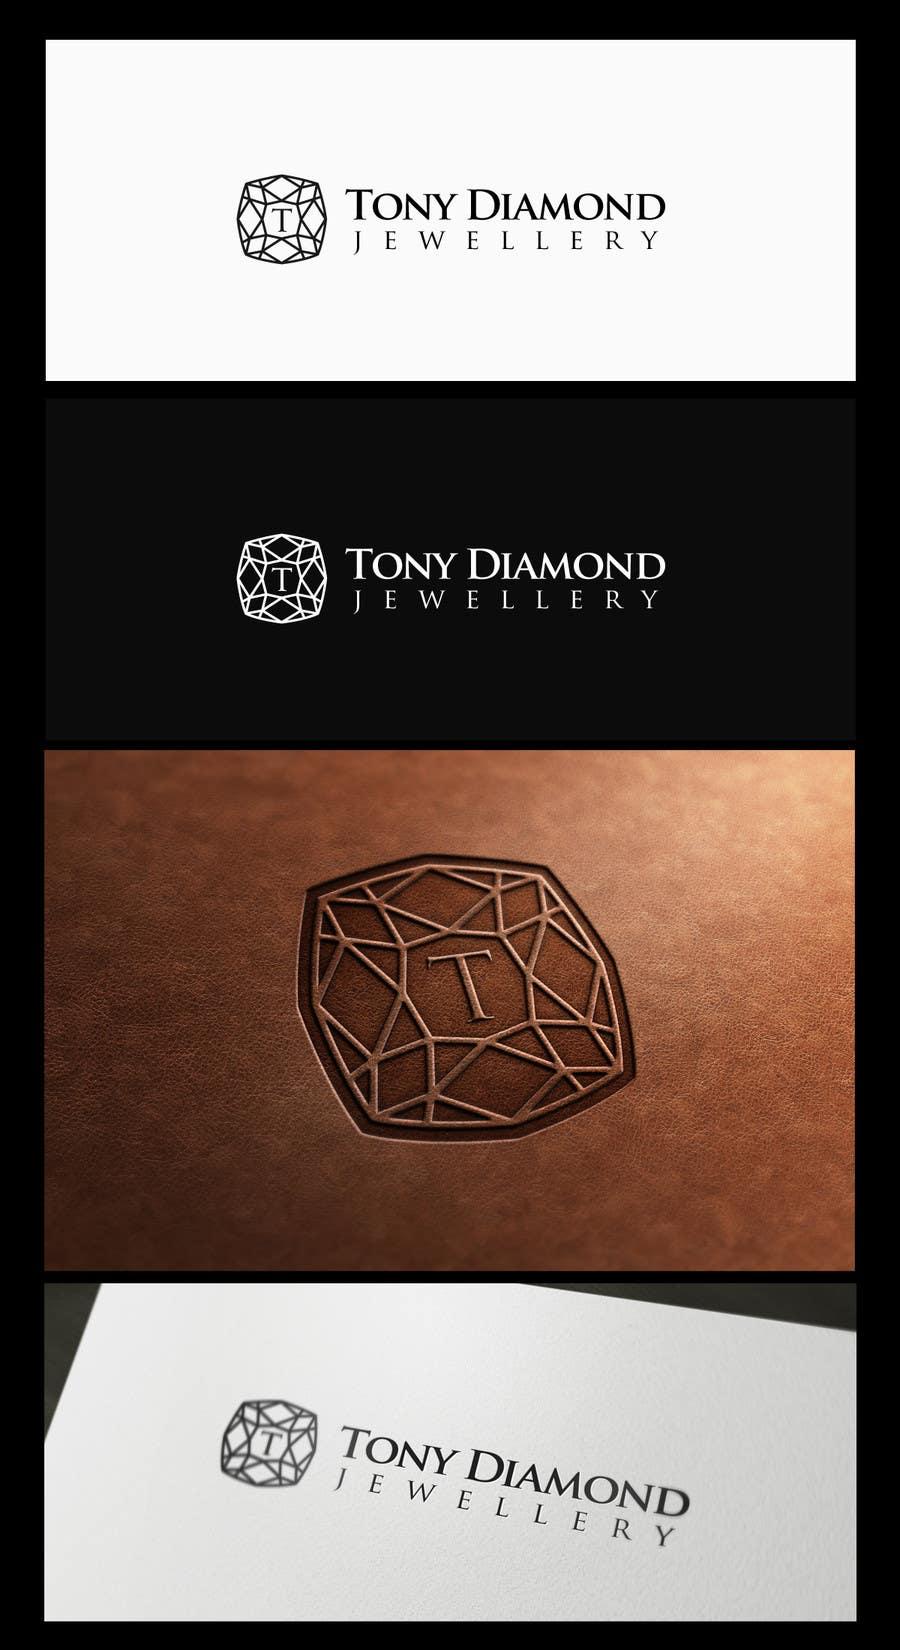 Kilpailutyö #56 kilpailussa Logo Design for Tony Diamond Jewellery